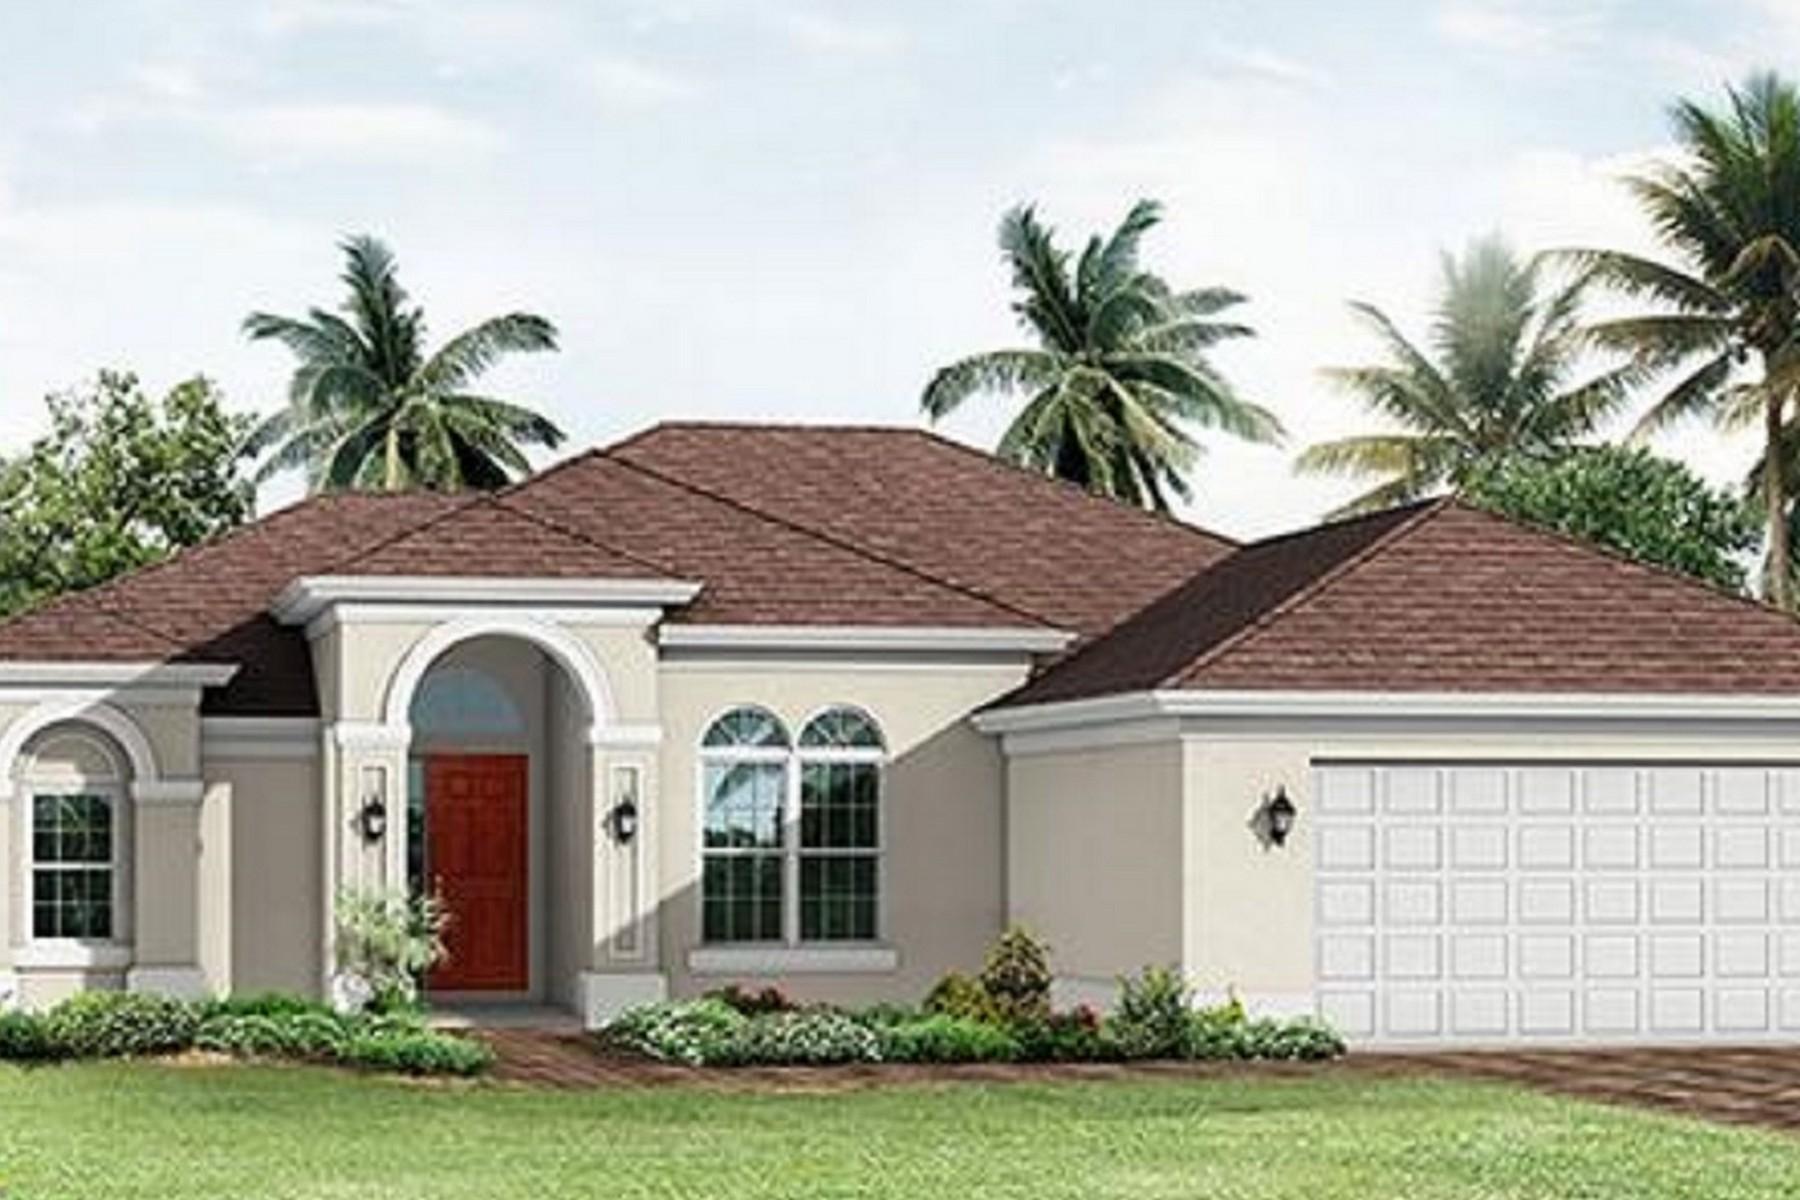 独户住宅 为 销售 在 Lovely Home 5812 N Dooley Circle 圣露西港, 佛罗里达州, 34953 美国